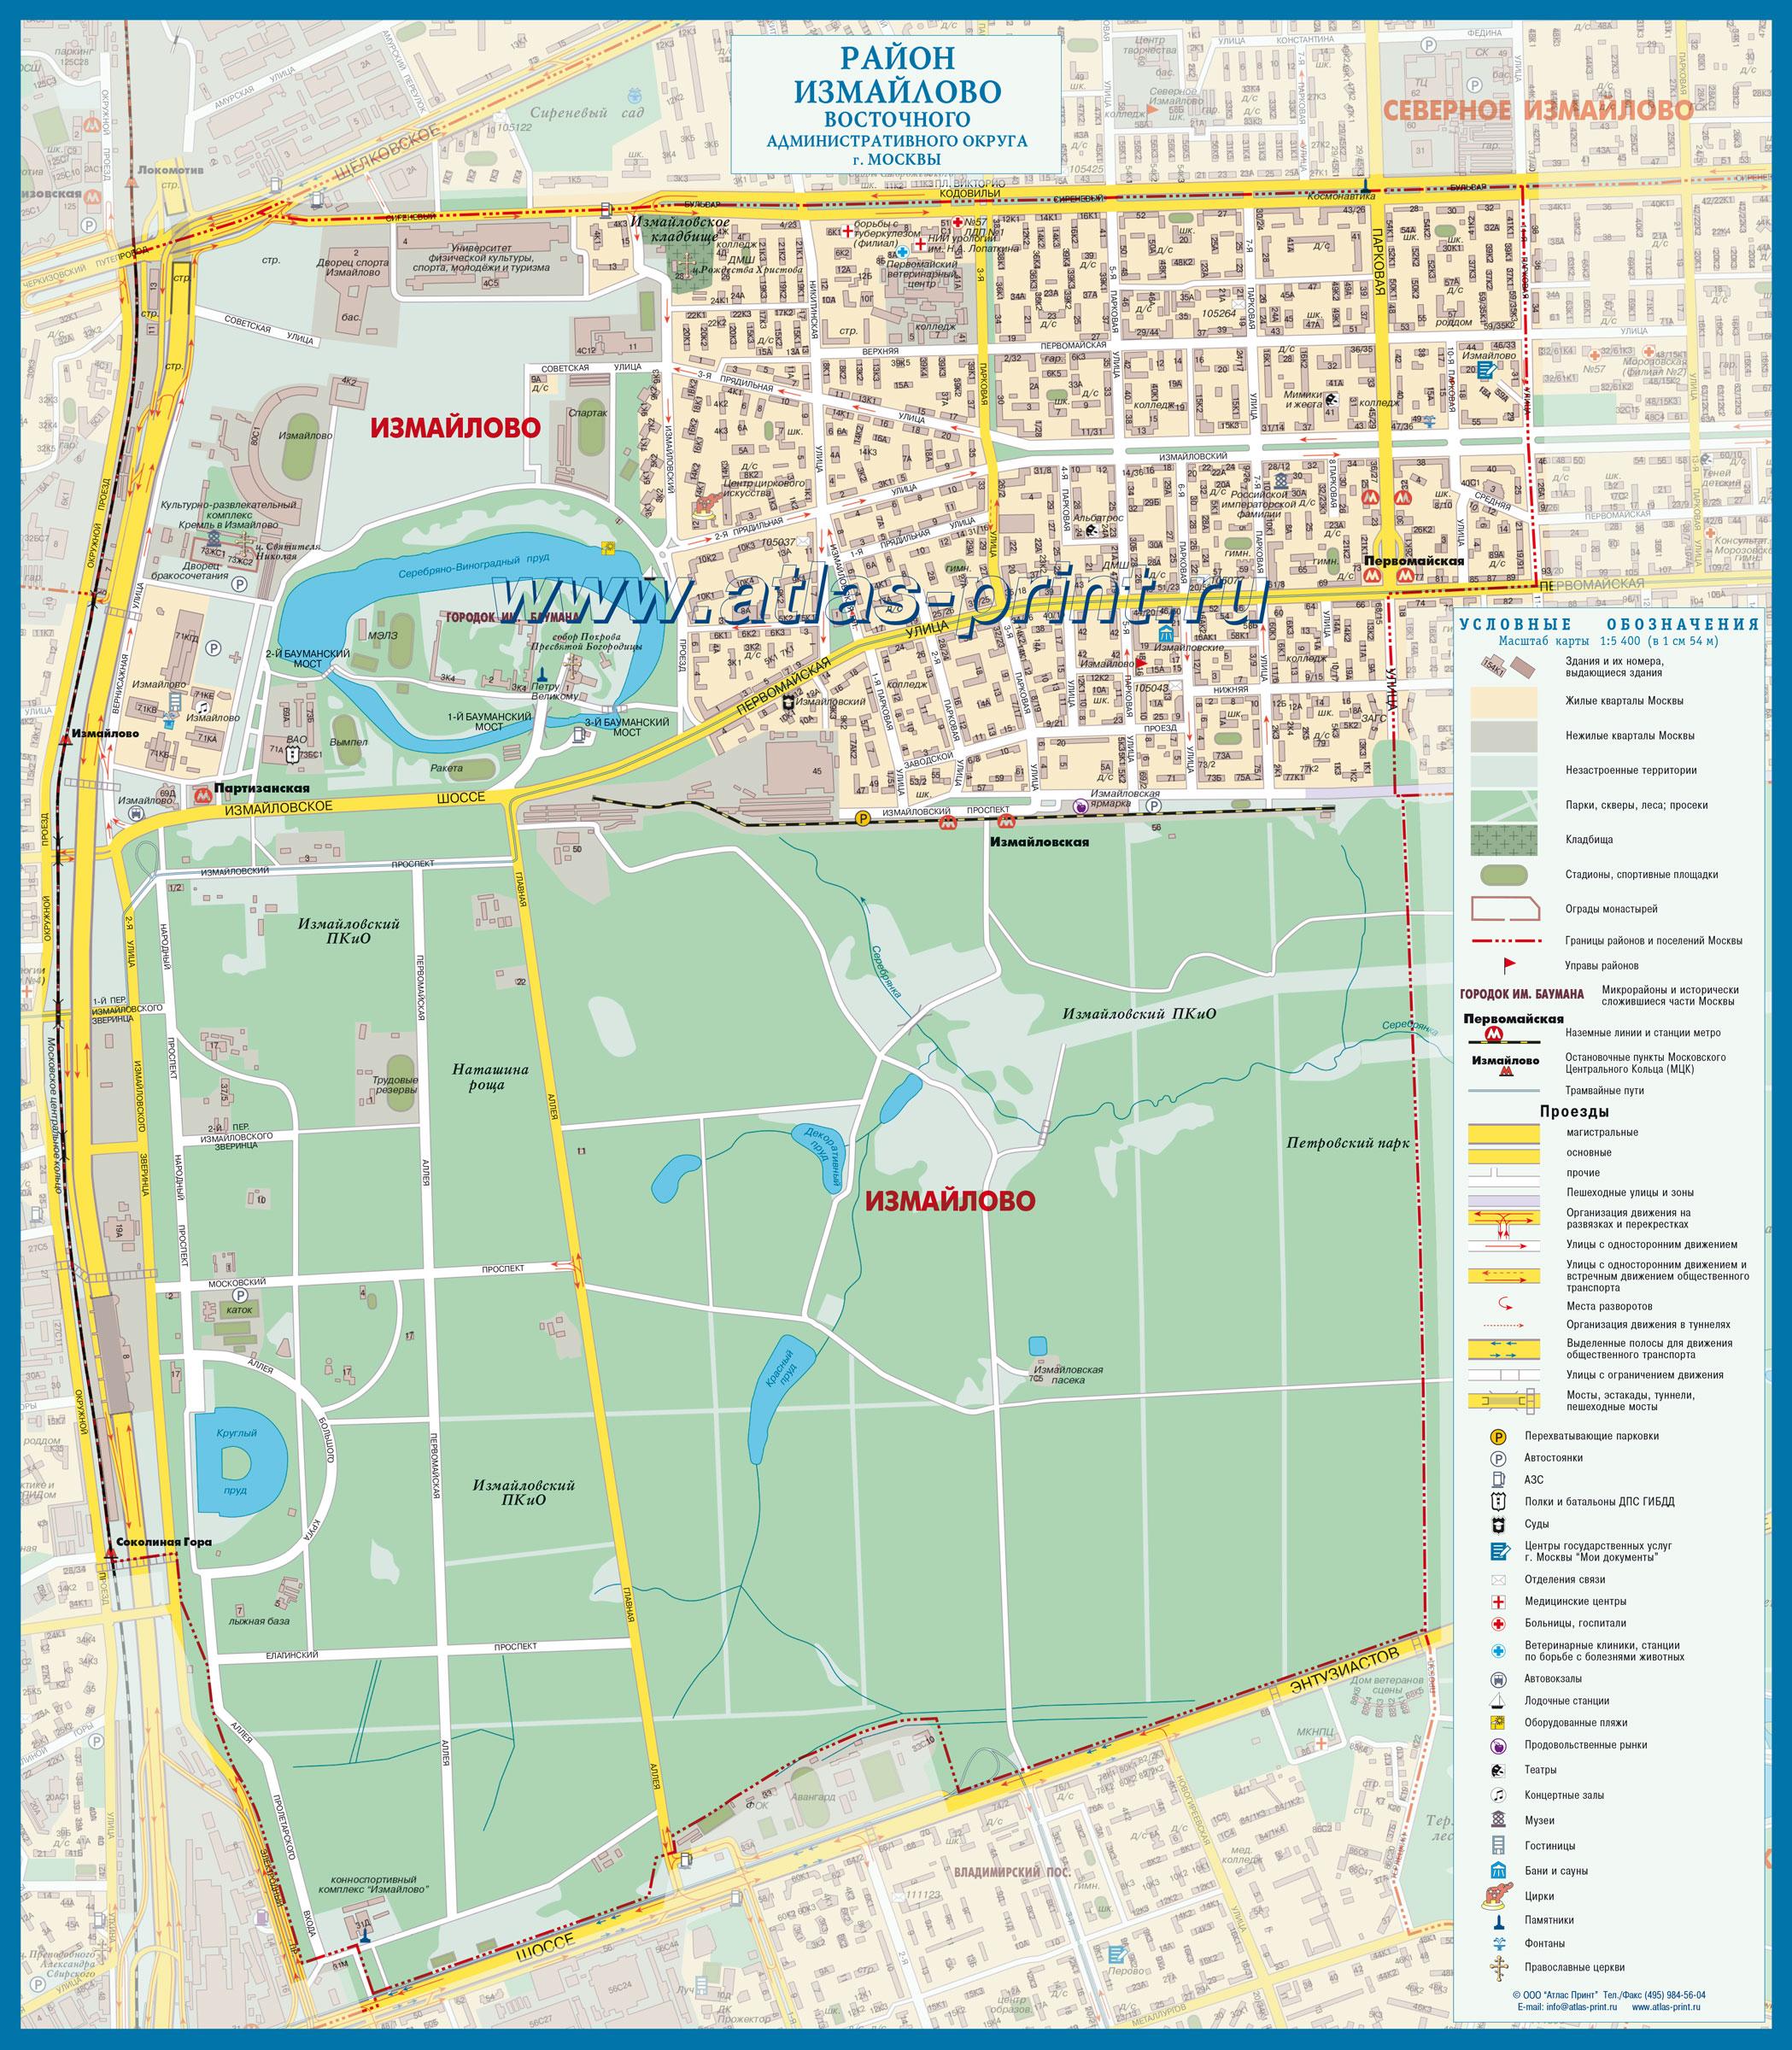 Настенная карта района ИЗМАЙЛОВО (Восточный административный округ г. Москвы) 0,87*1,00м, ламинированная